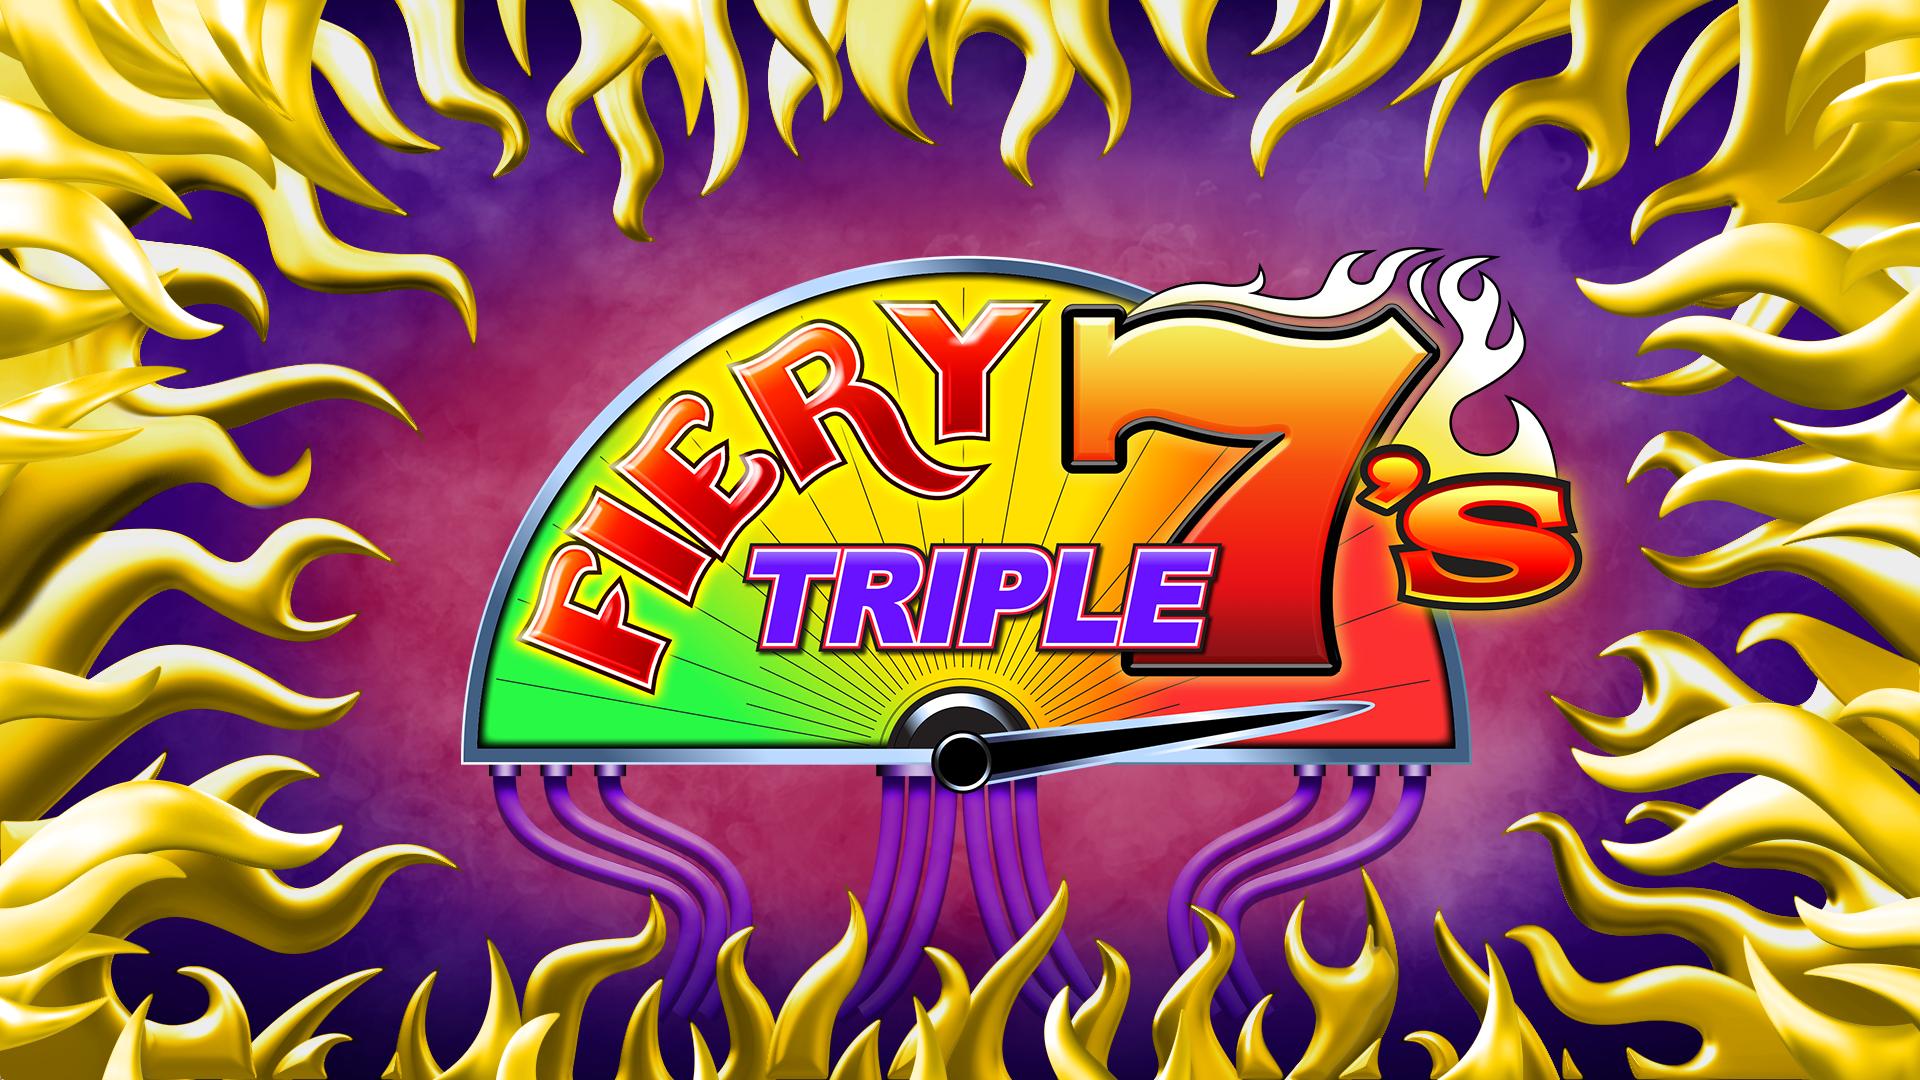 splash_screen_fiery_triple_7s.png